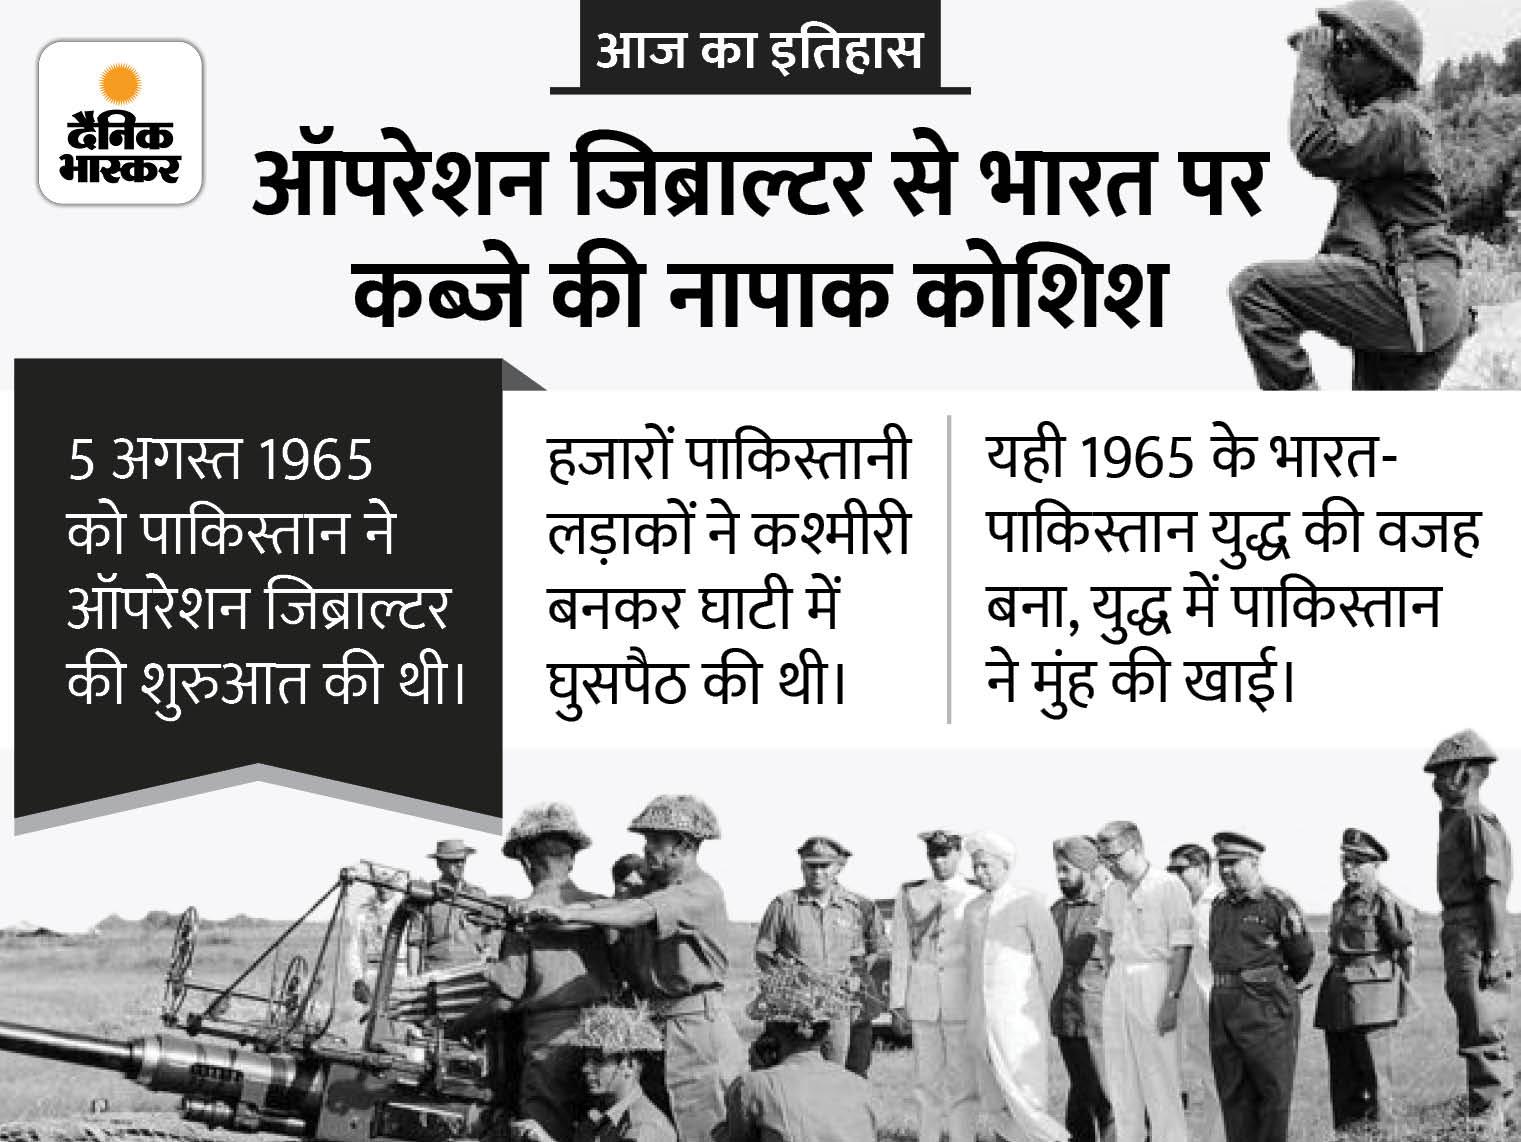 पाकिस्तान ने कश्मीर पर कब्जे के लिए शुरू किया ऑपरेशन जिब्राल्टर, यही 1965 के भारत-पाक युद्ध की वजह बना|देश,National - Dainik Bhaskar